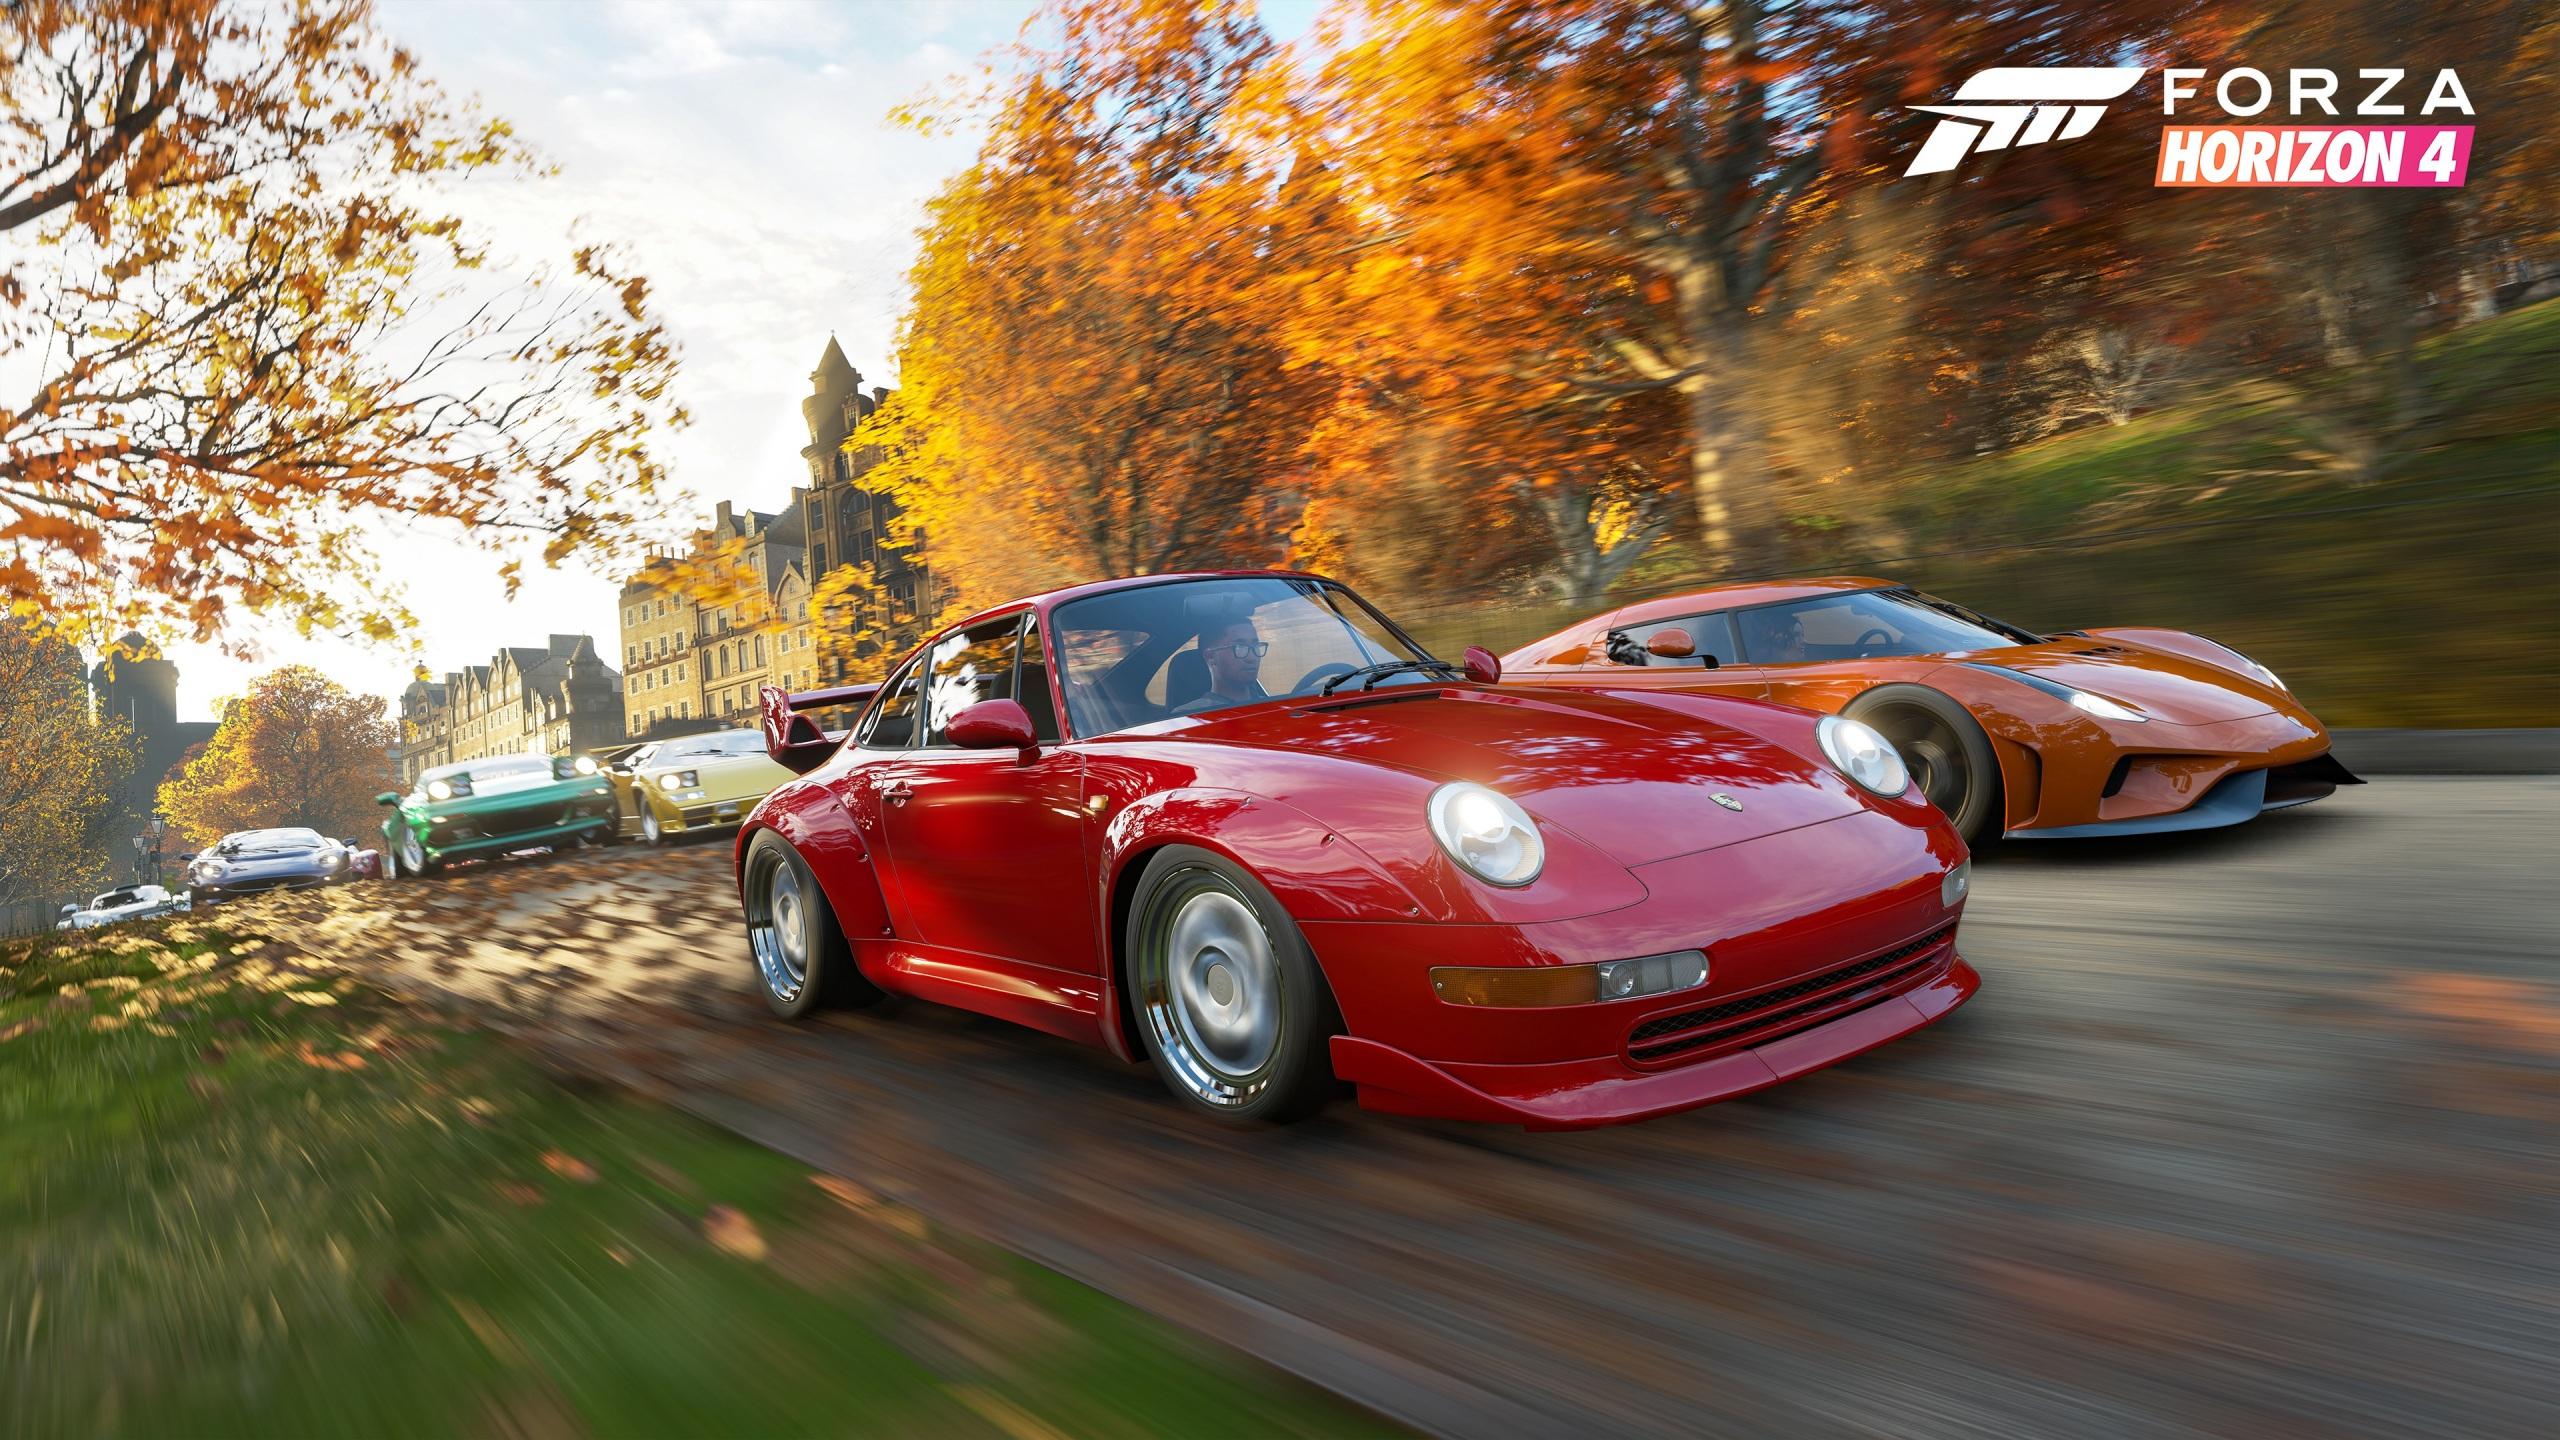 Fonds D'ecran 2560X1440 Porsche Forza Horizon 4 Regera E3 encequiconcerne Jeux De 4 4 Voiture